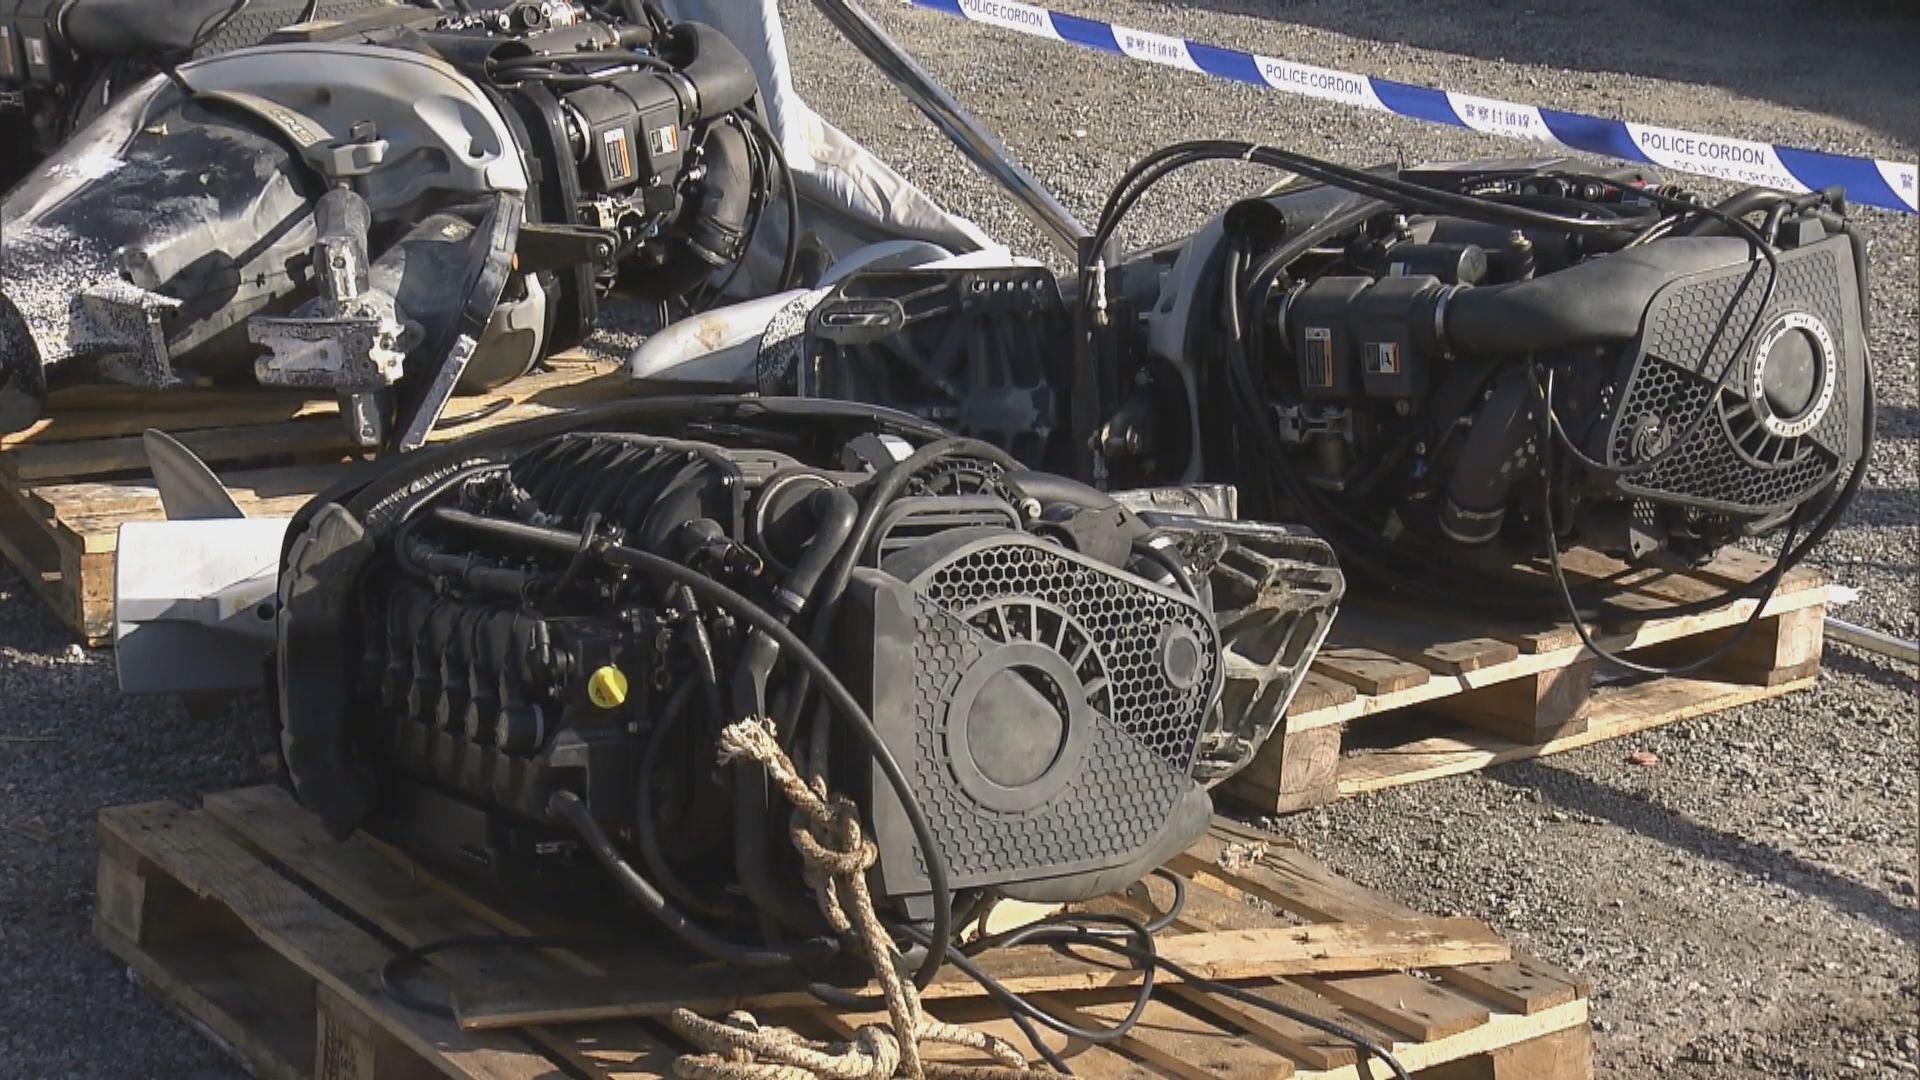 警方東涌露天停車場搜獲七艘走私快艇 疑逃避追捕搬到陸上